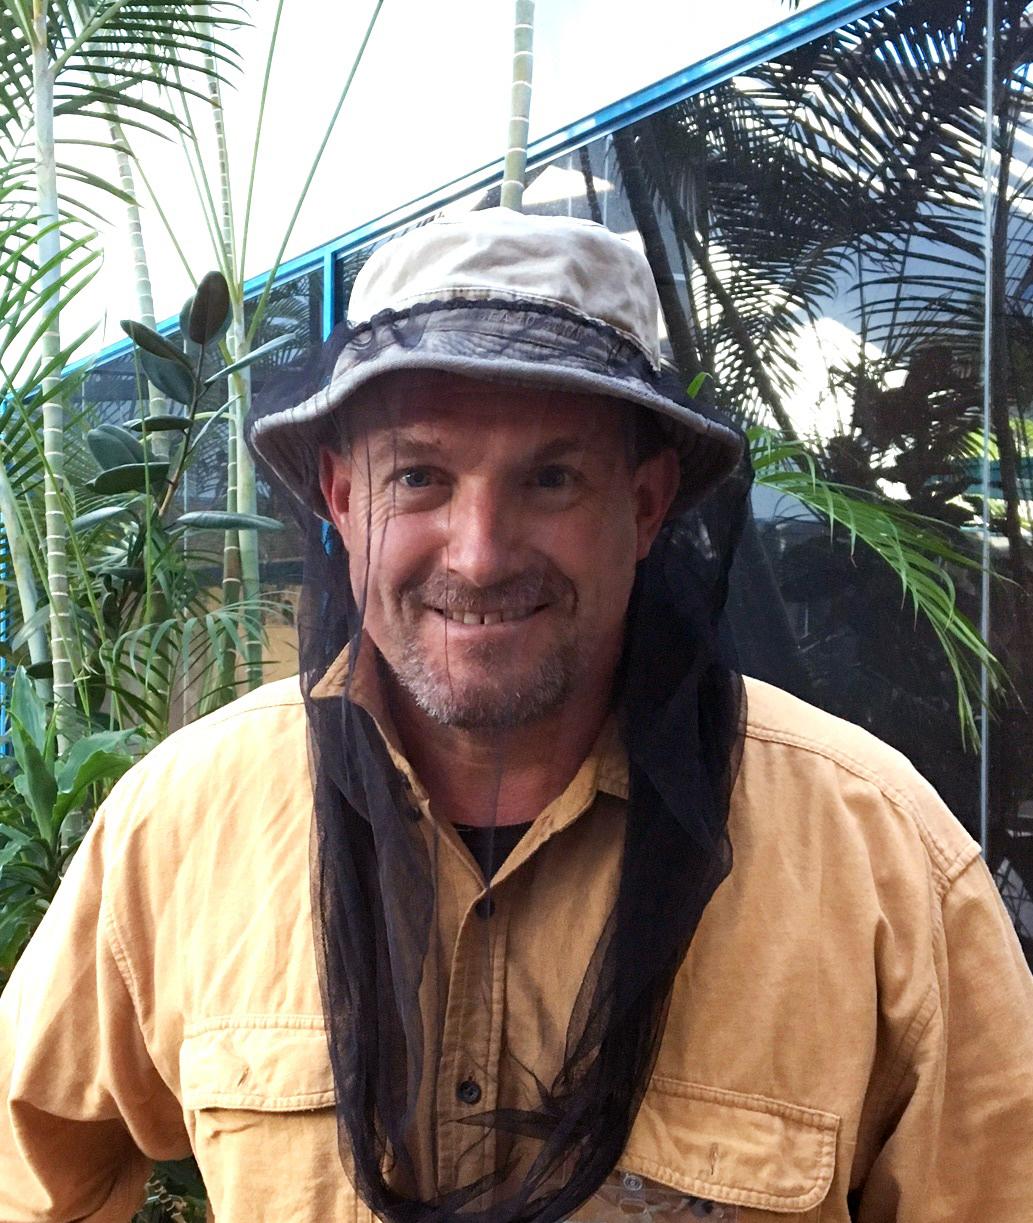 Rod Bourke with bee hat/net